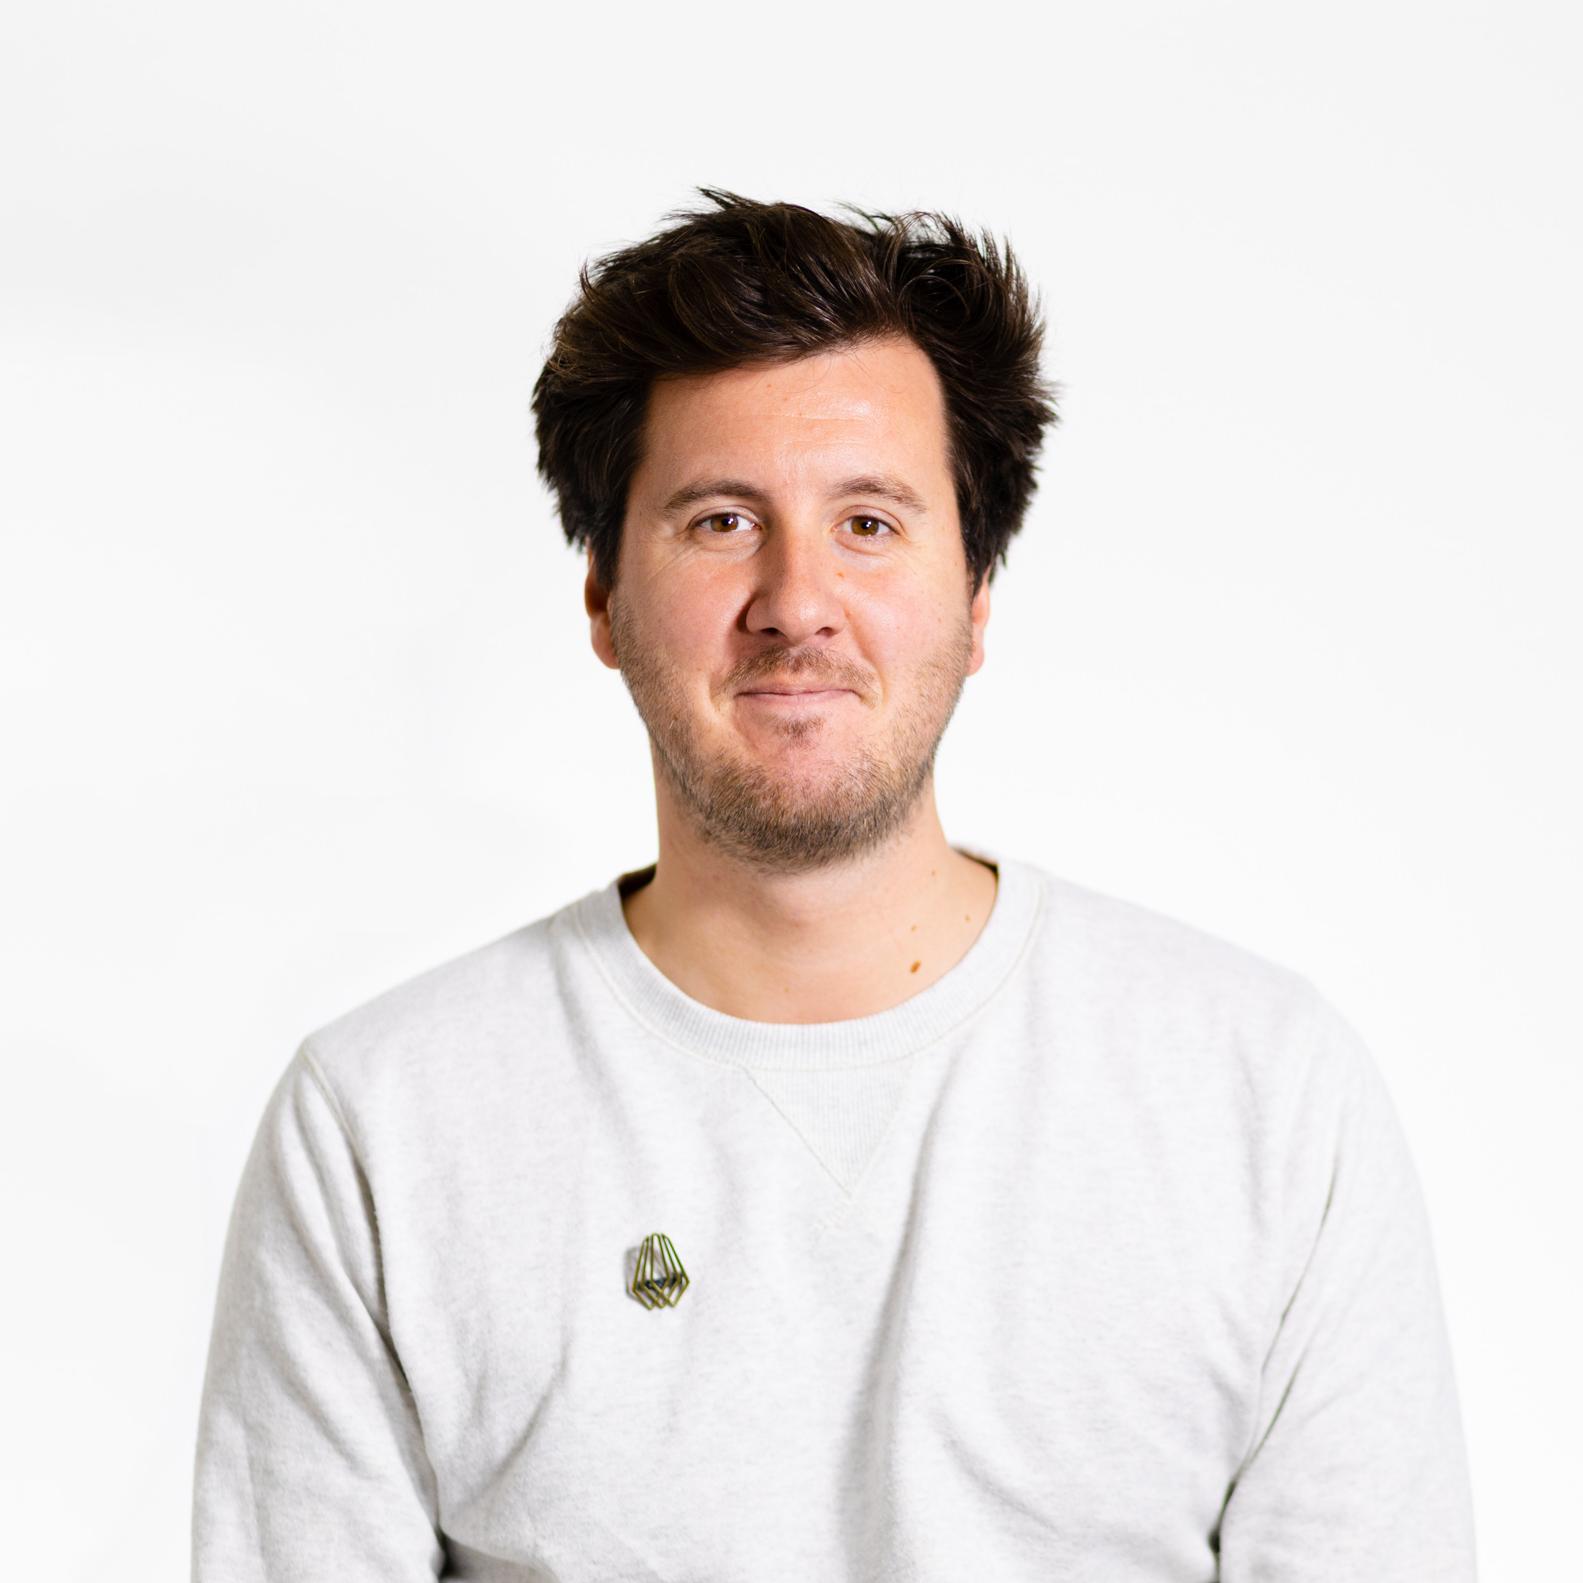 Alex Van Mael